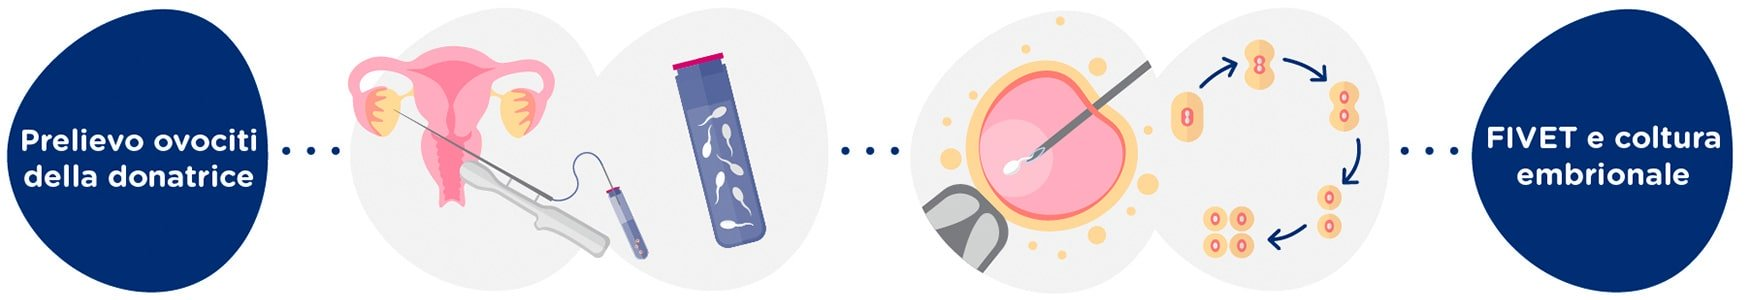 Prelievo ovociti della donatrice + campione di sperma<br>Fecondazione <i>in Vitro</i> + embrioni in coltura 5 giorni